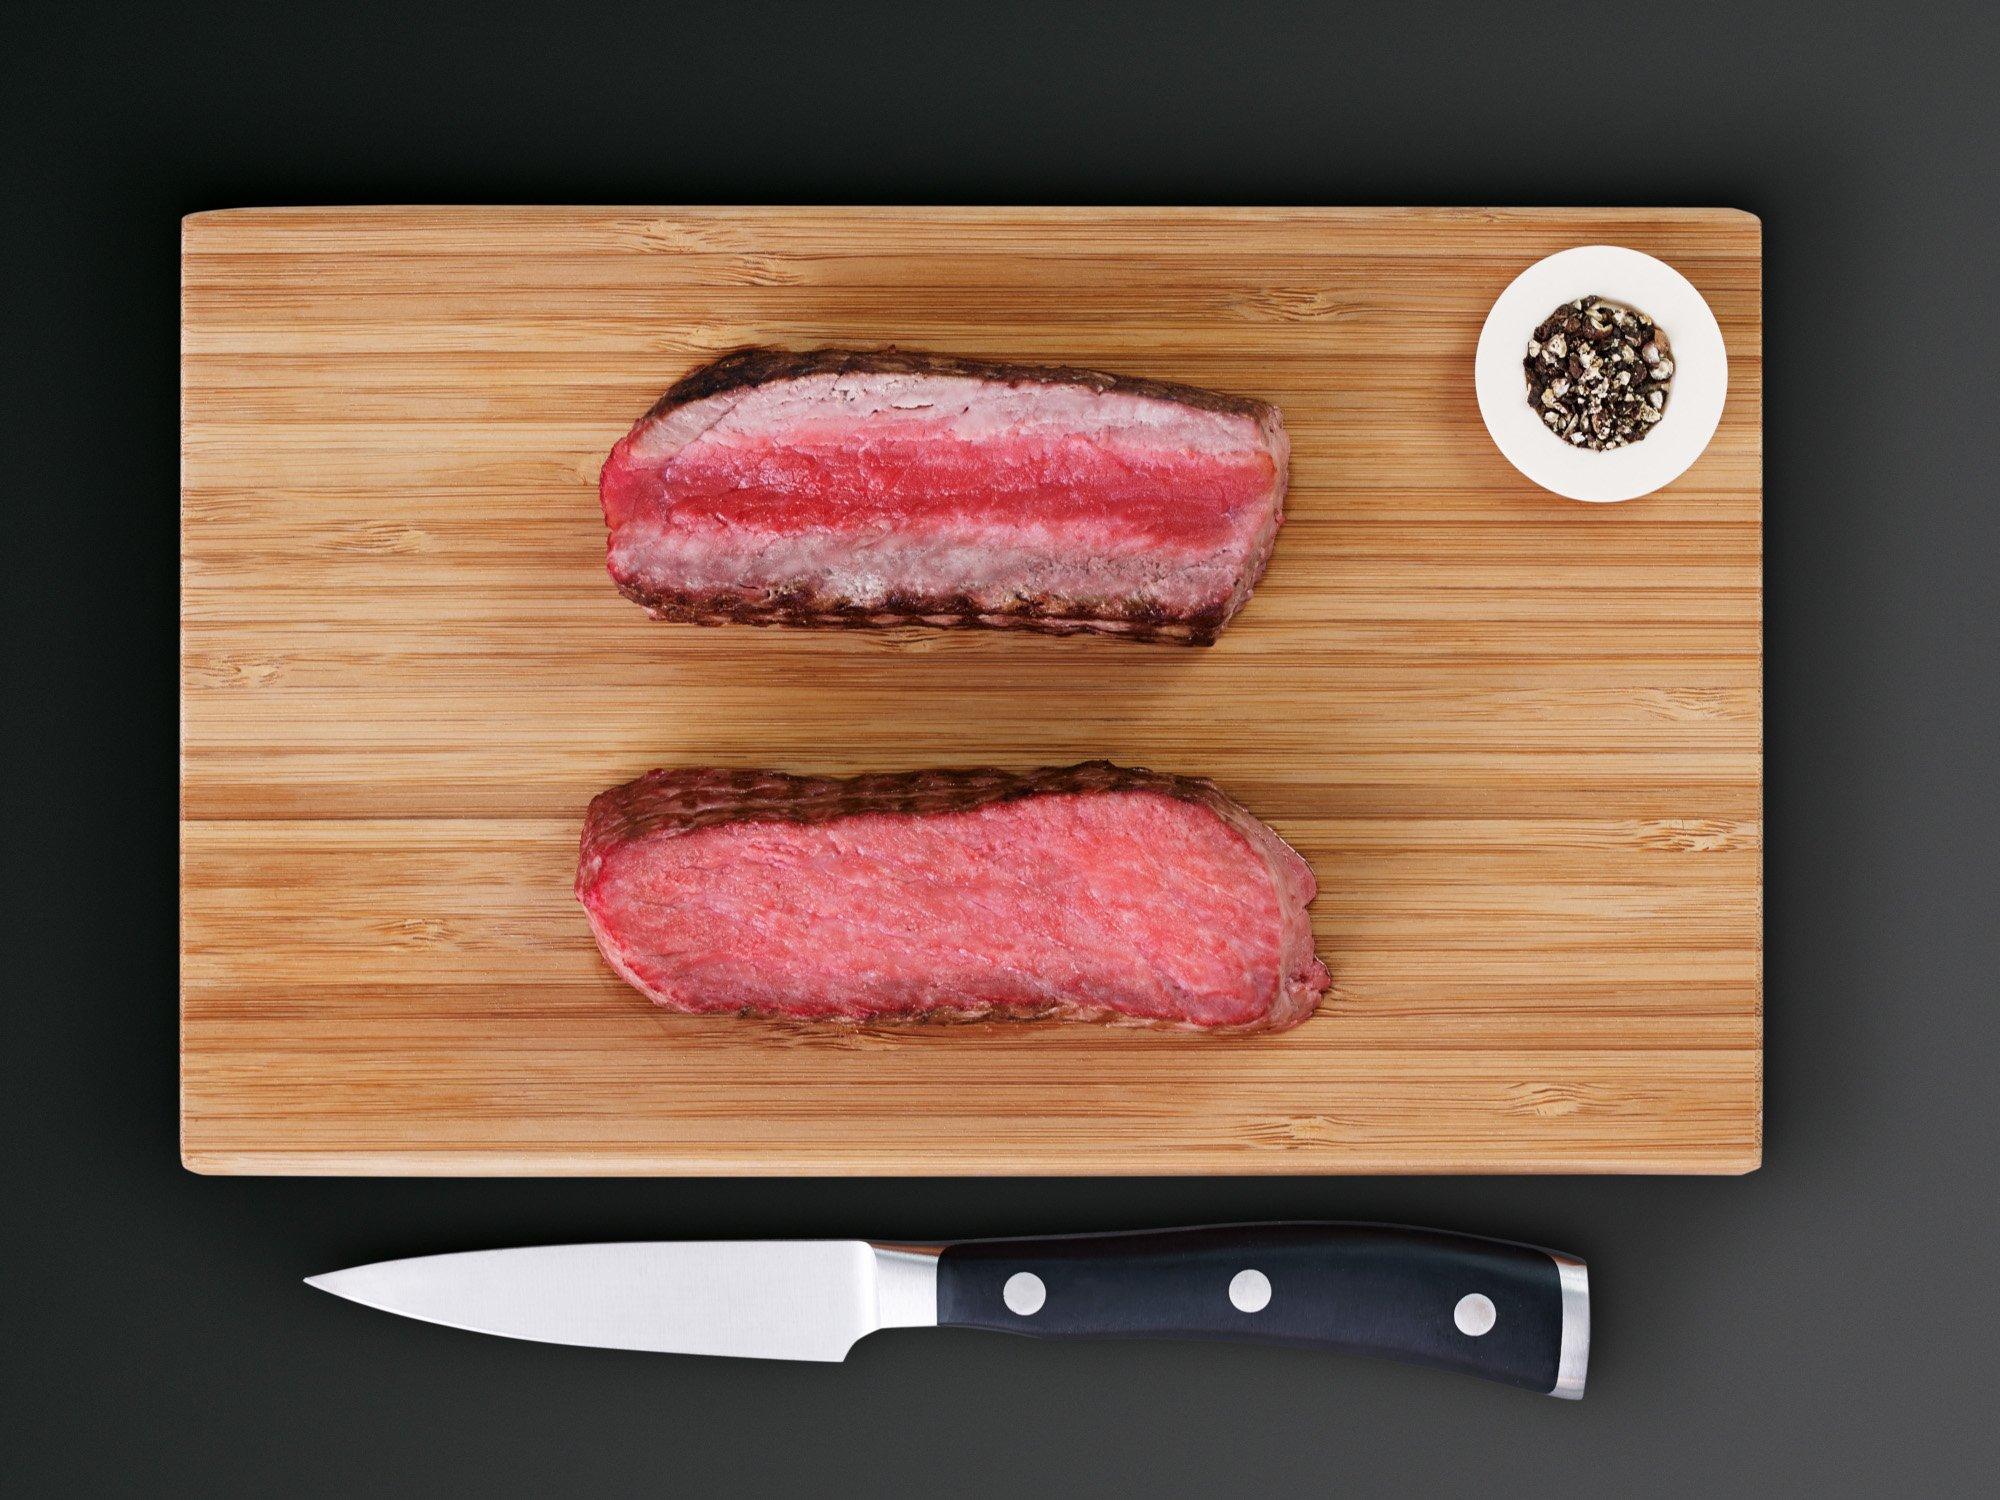 Das Fleisch oben wurde in einem herkömmlichen Ofen nicht gleichmäßig gegart: innen roh, dafür außen angebrannt. Zum Vergleich unten ein Stück Fleisch aus dem AEG SteamPro BSK892230M per Sous-vide gegart (Bild: AEG)